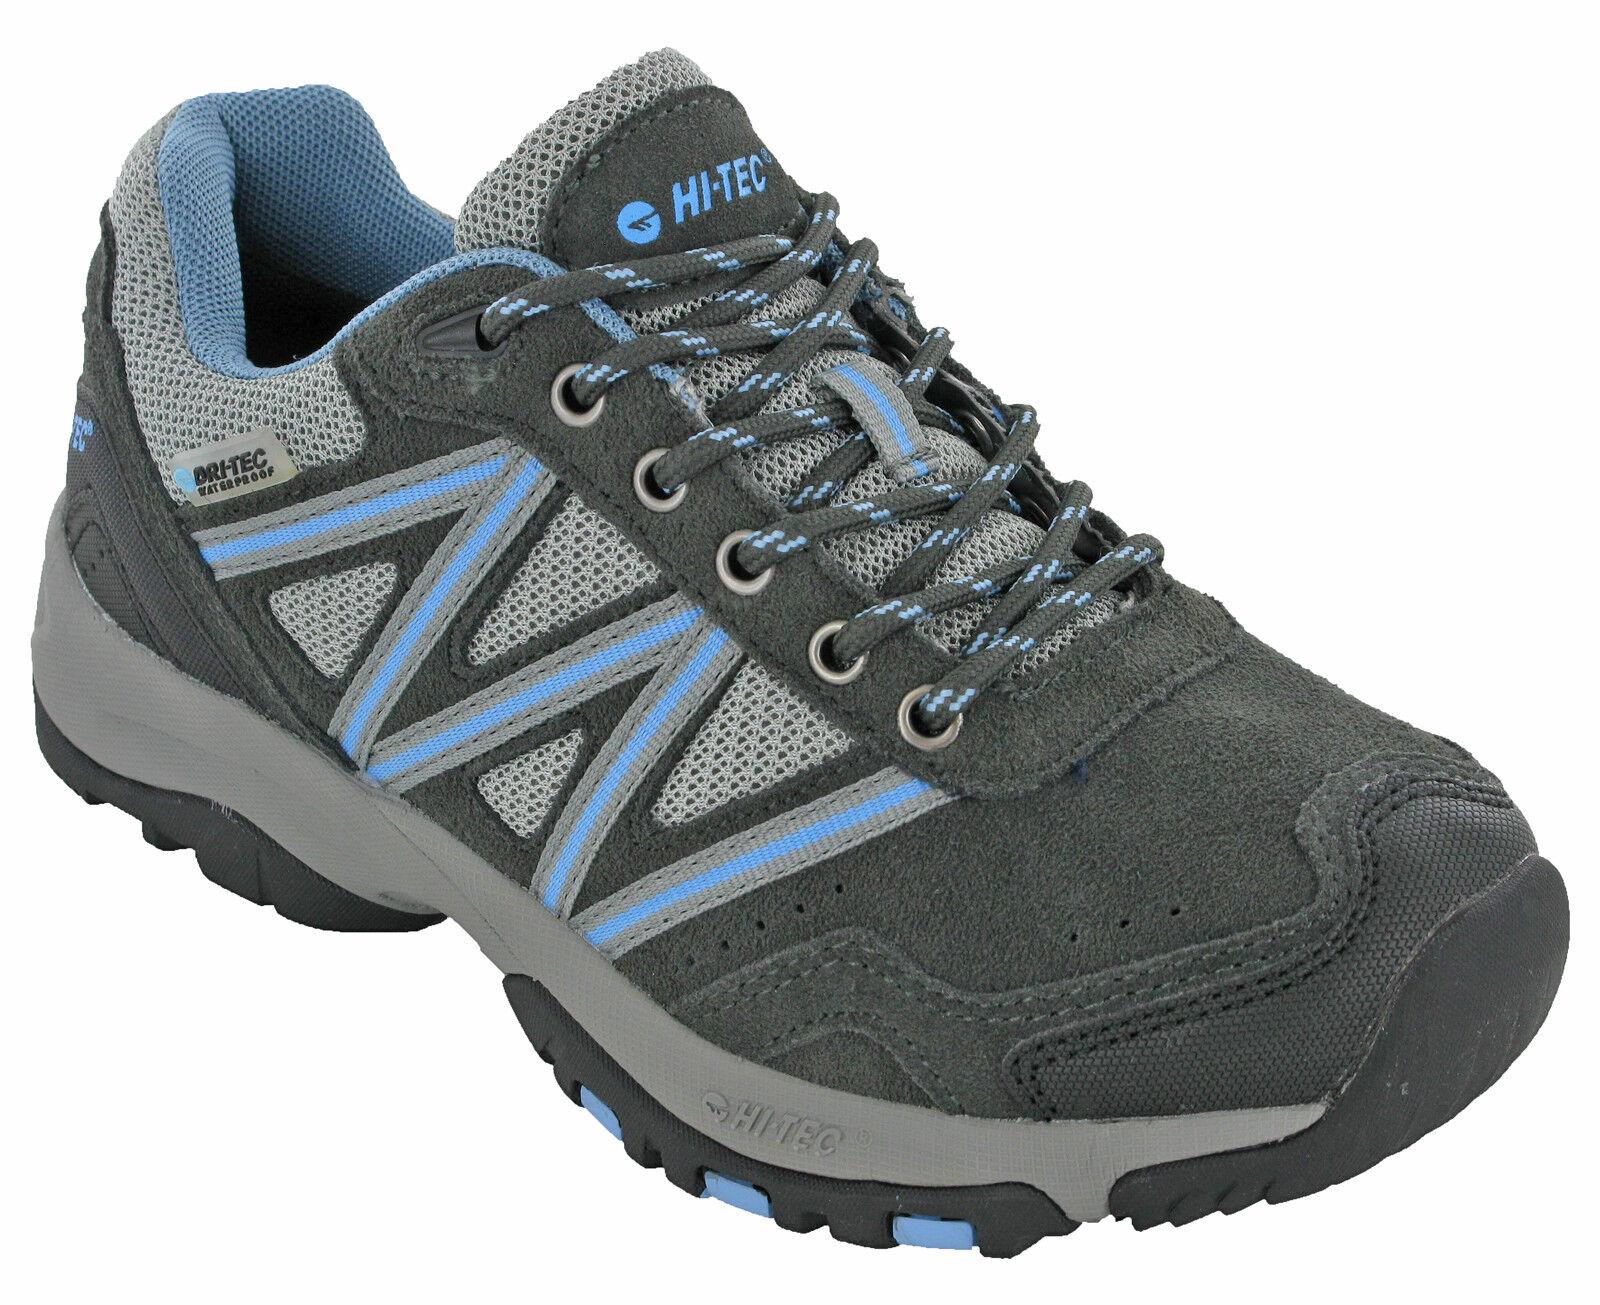 Hi-tec Summer Hiking Shoes Waterproof